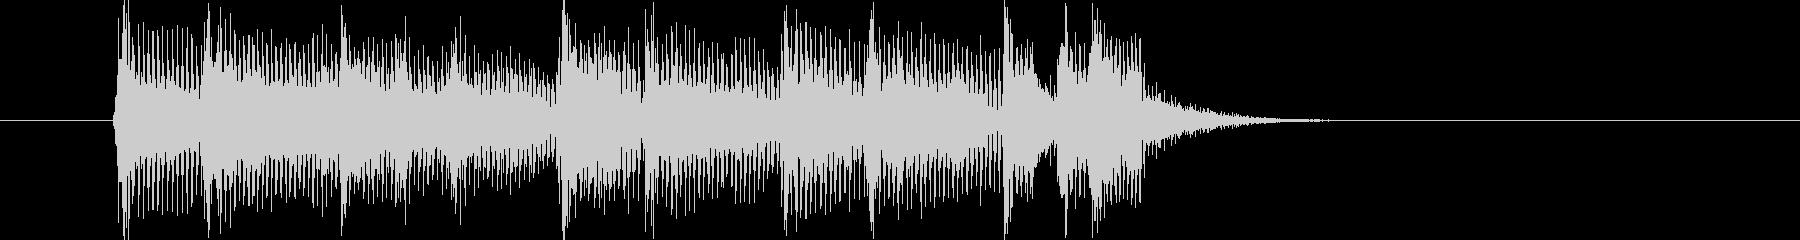 活発なバンド演奏のポップスのジングル曲の未再生の波形